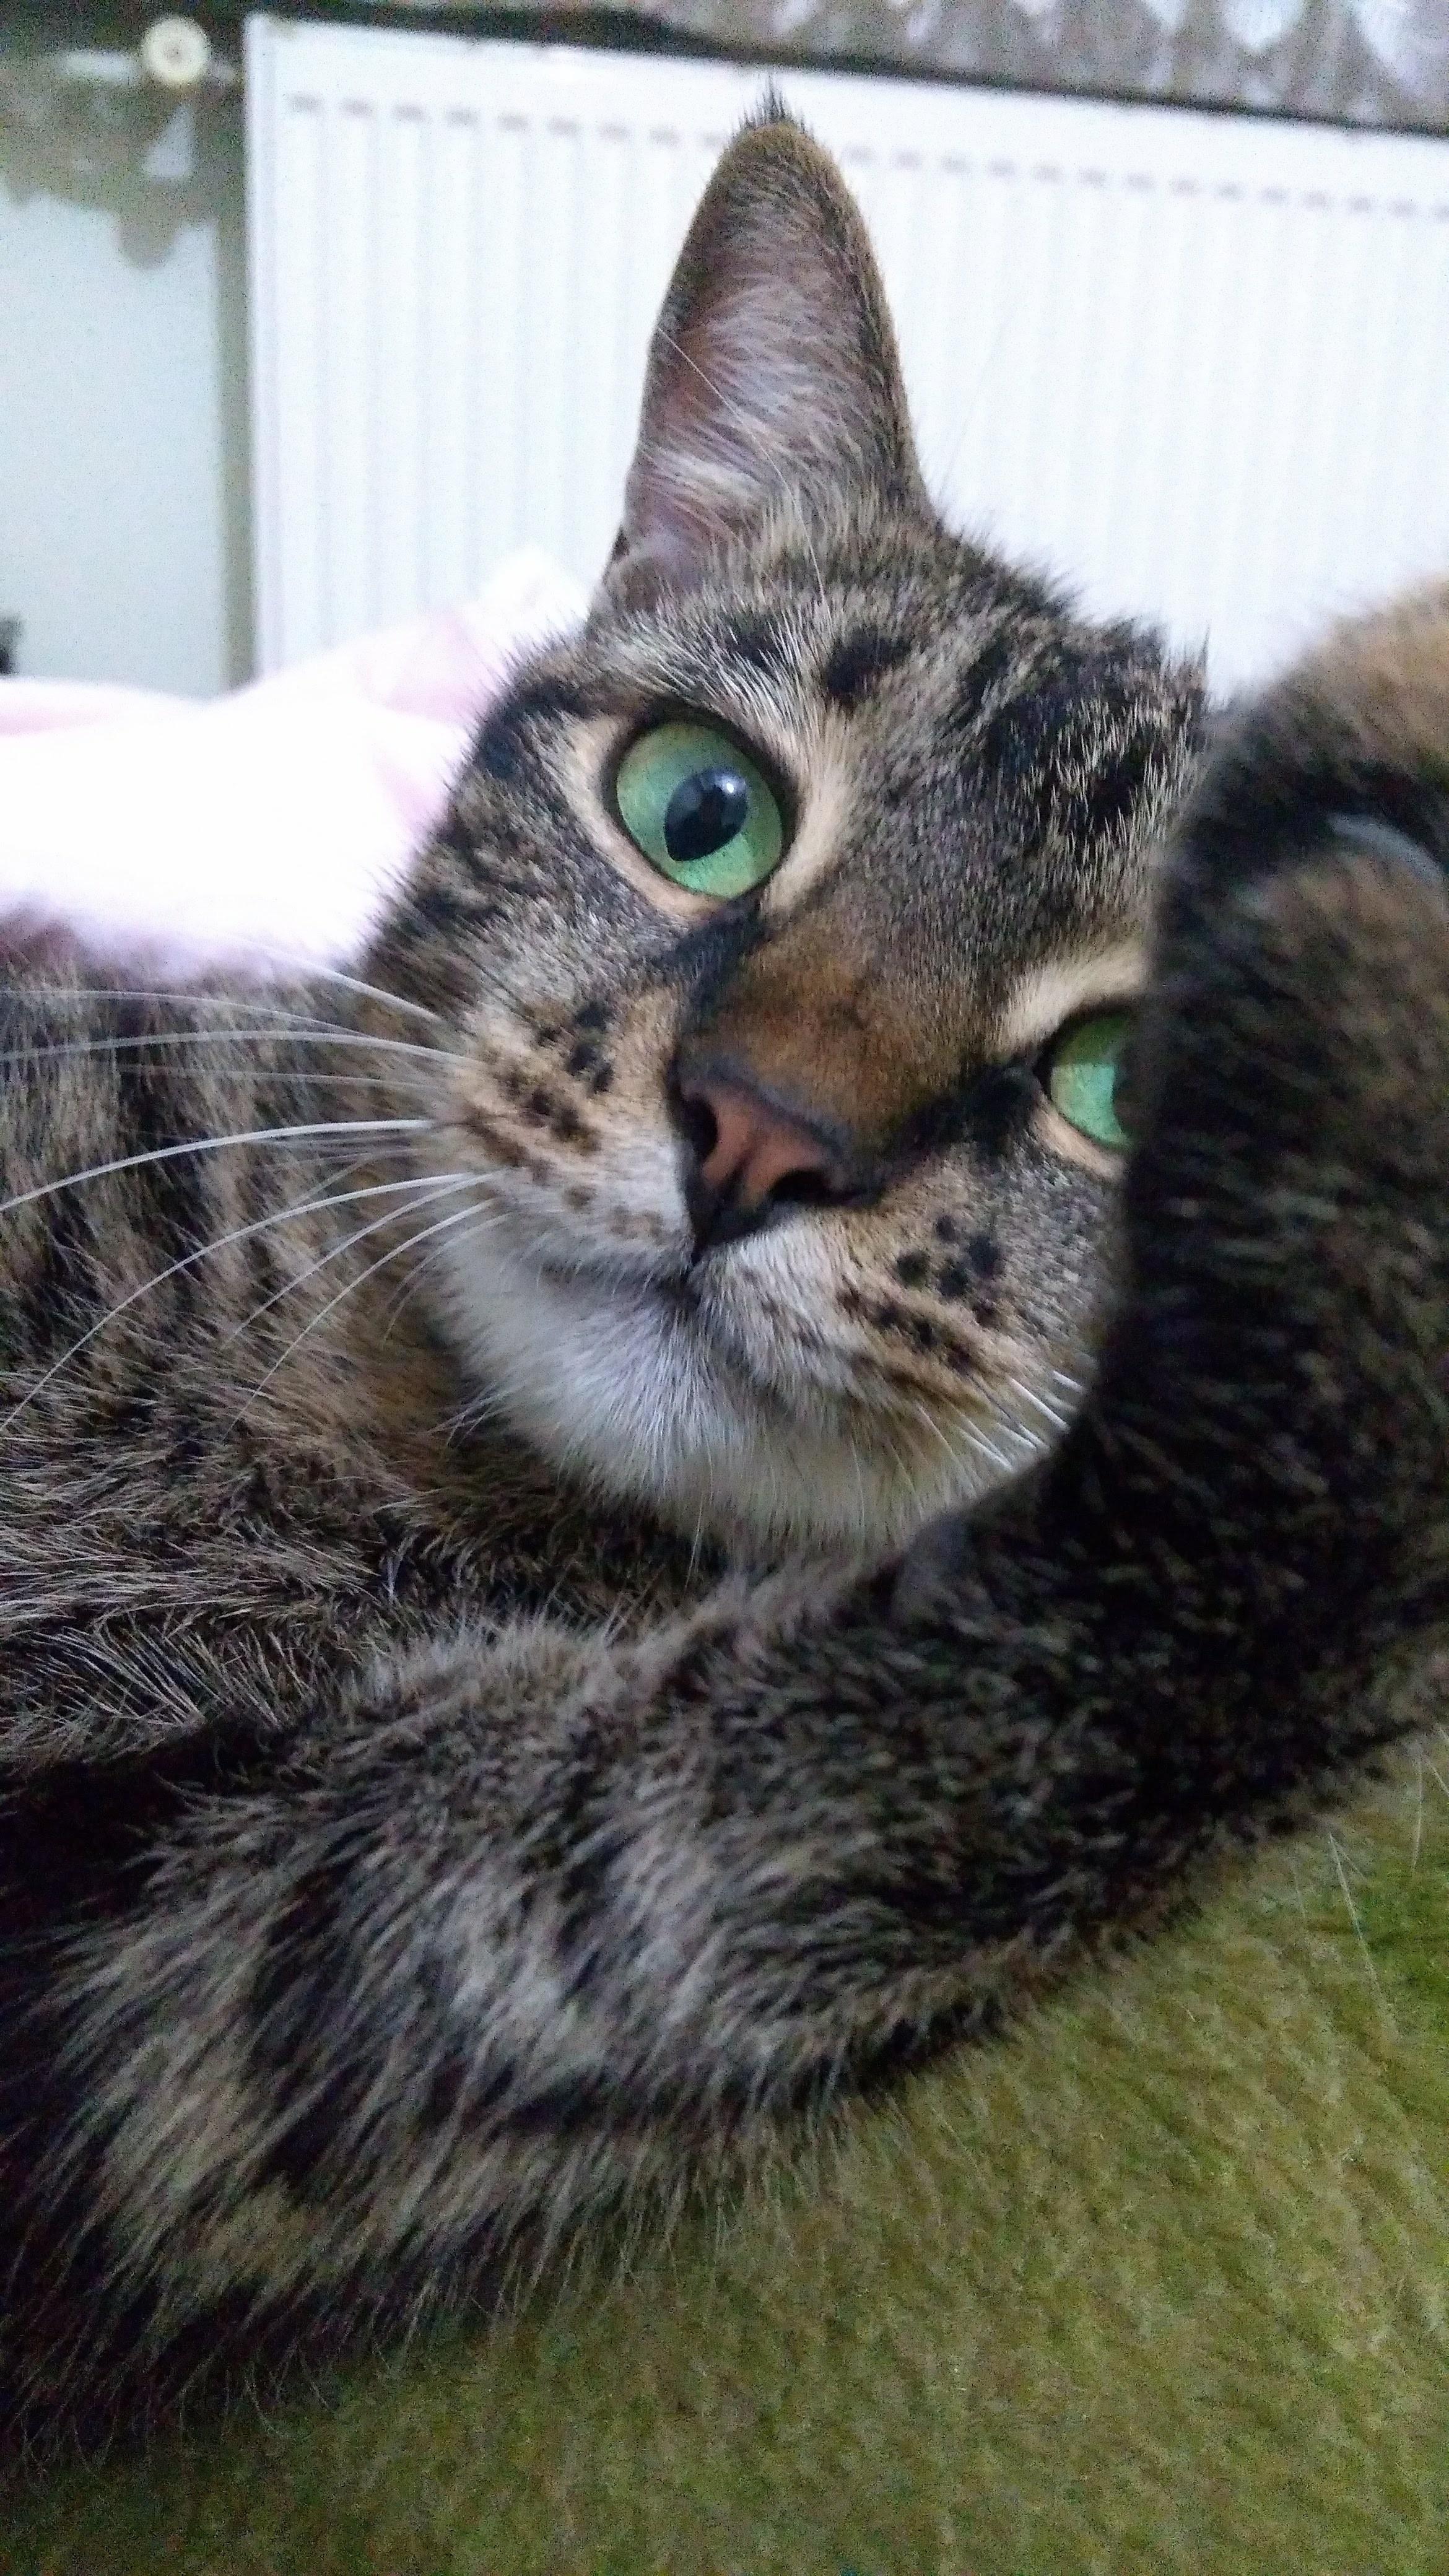 yeşil gözlü kedi